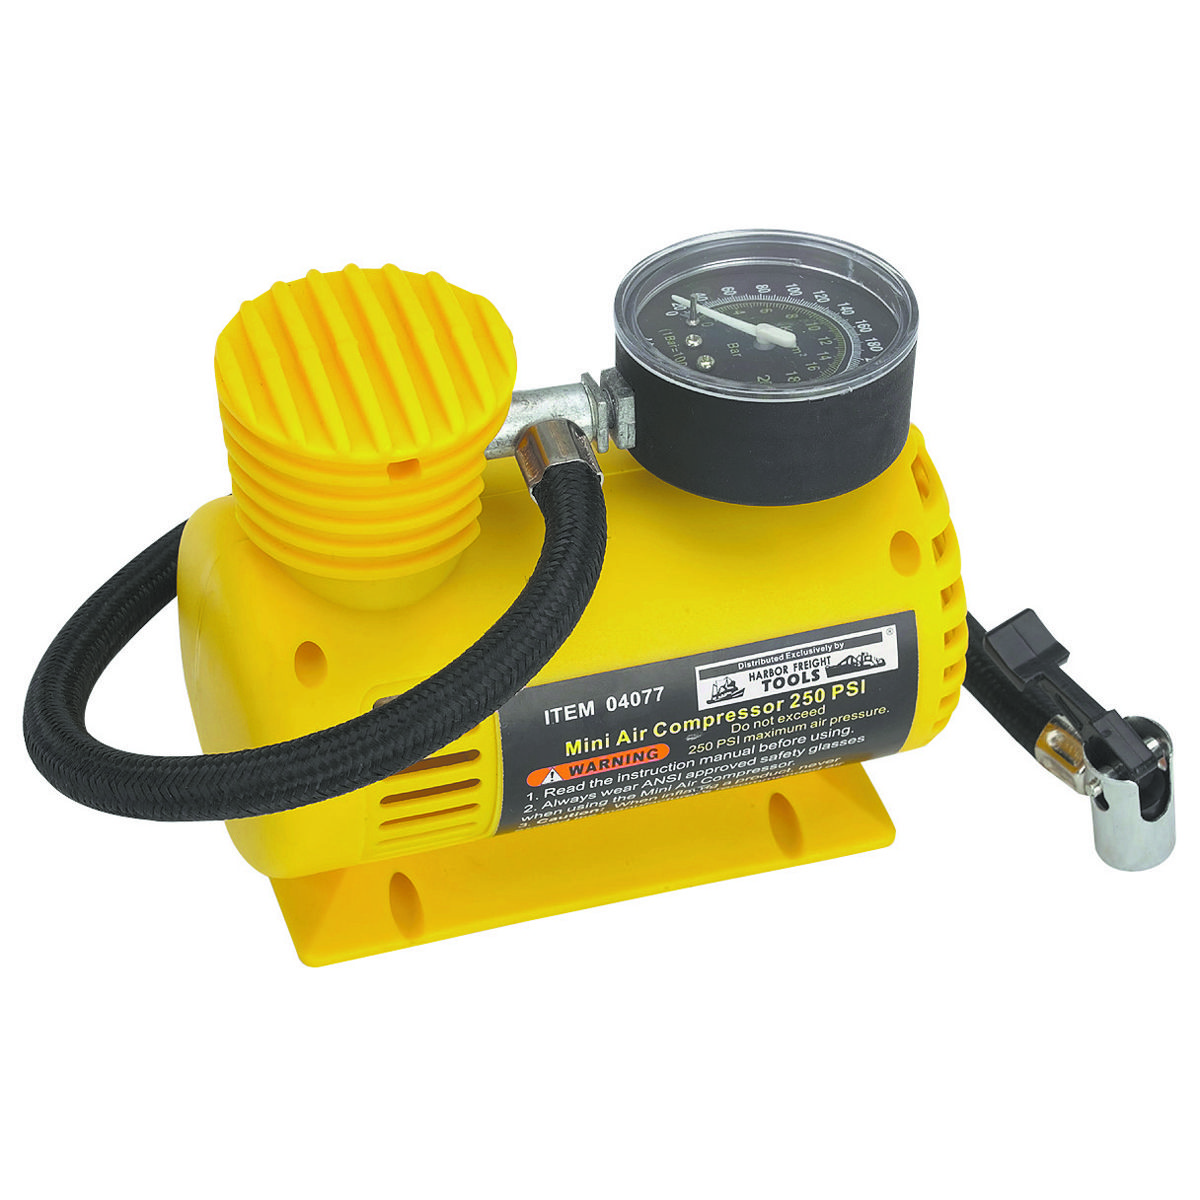 12 Volt 250 Psi Compact Air Compressor Gift Ideas Pinterest